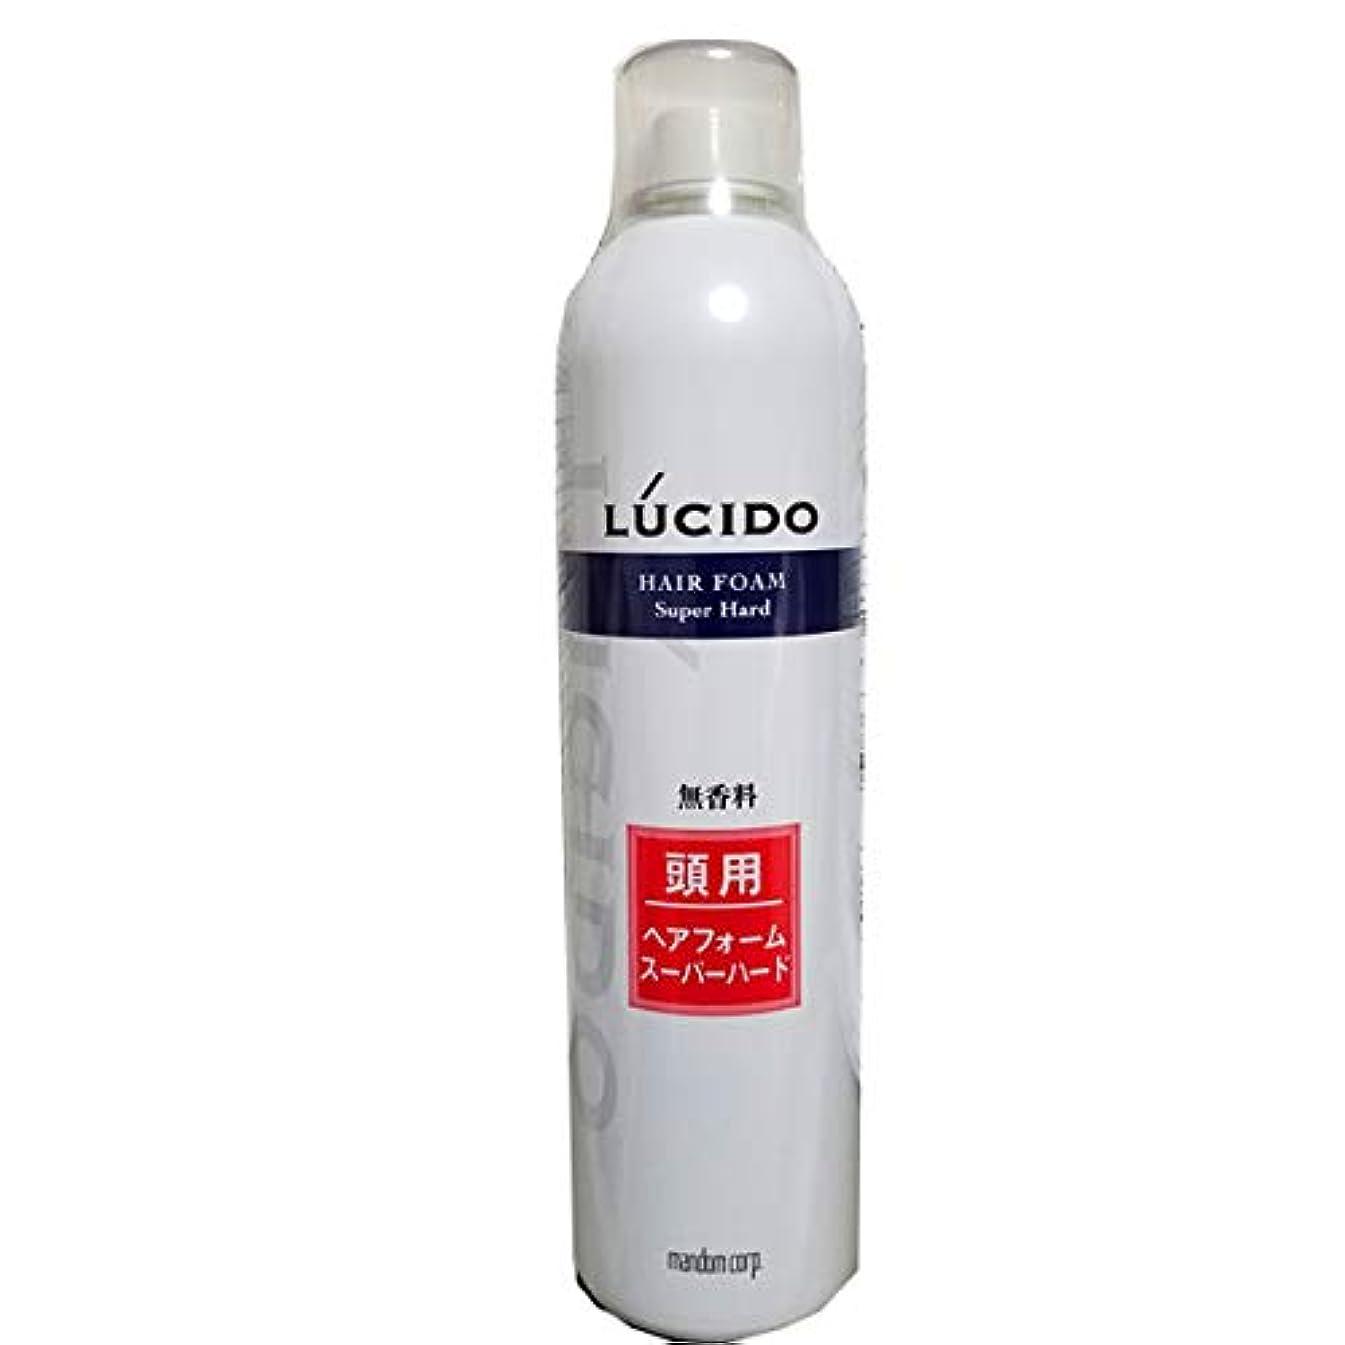 許可測定可能味方ルシード ヘアフォーム スーパーハードO 400g 業務用 40才からの髪に。 マンダム